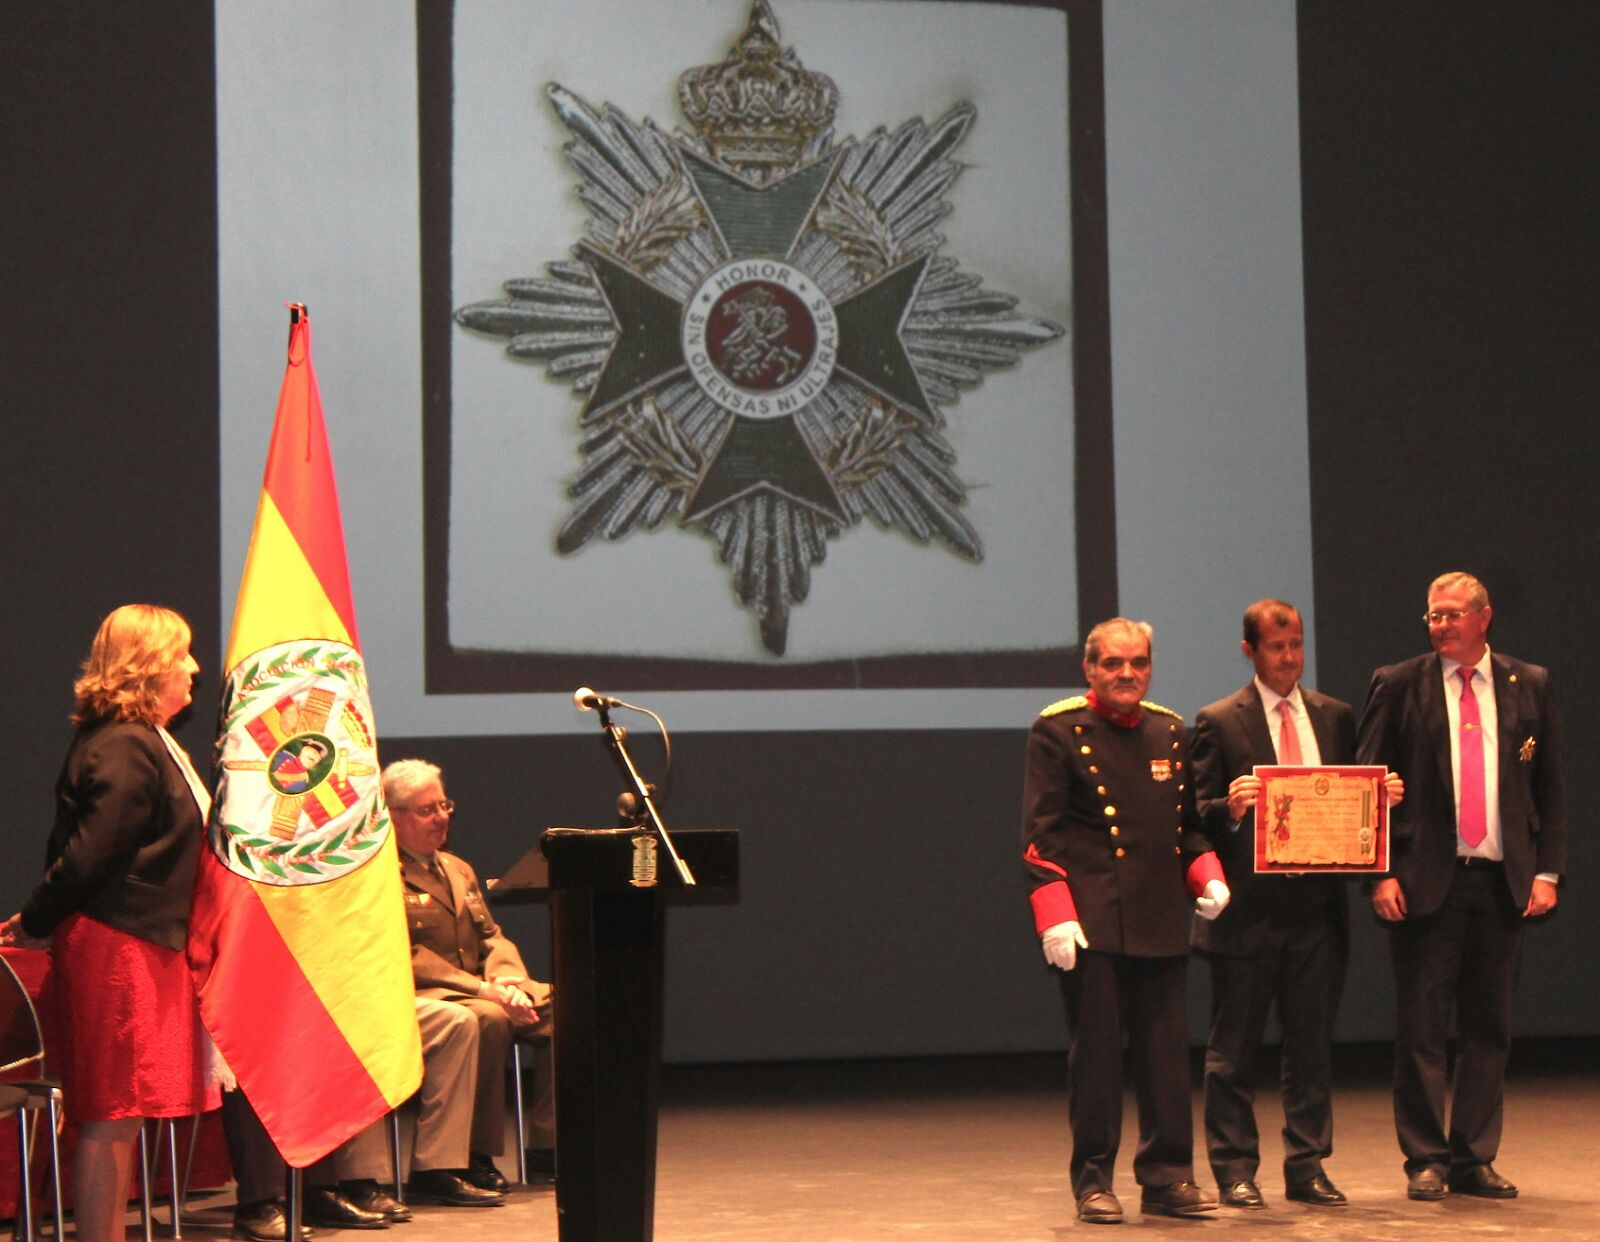 Homenaje a las víctimas del terrorismo y en acto de servicio de las Fuerzas Armadas, Fuerzas y Cuerpos de Seguridad y Seguridad Privada Murcia 2016